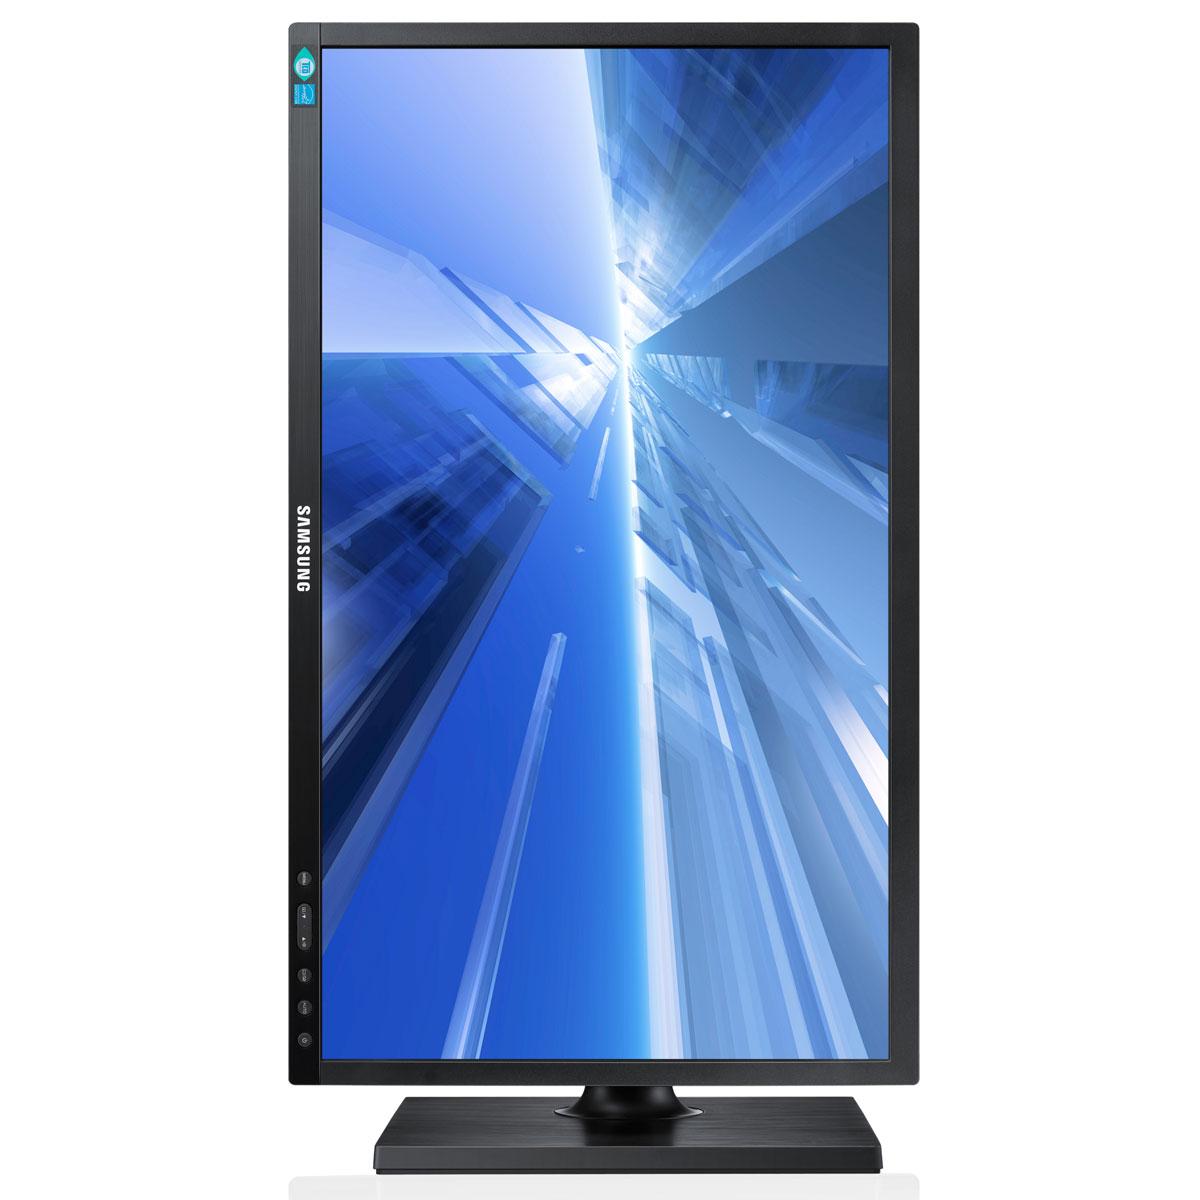 samsung 22 led syncmaster s22c450mw ls22c45kmwv en achat vente ecran pc sur. Black Bedroom Furniture Sets. Home Design Ideas